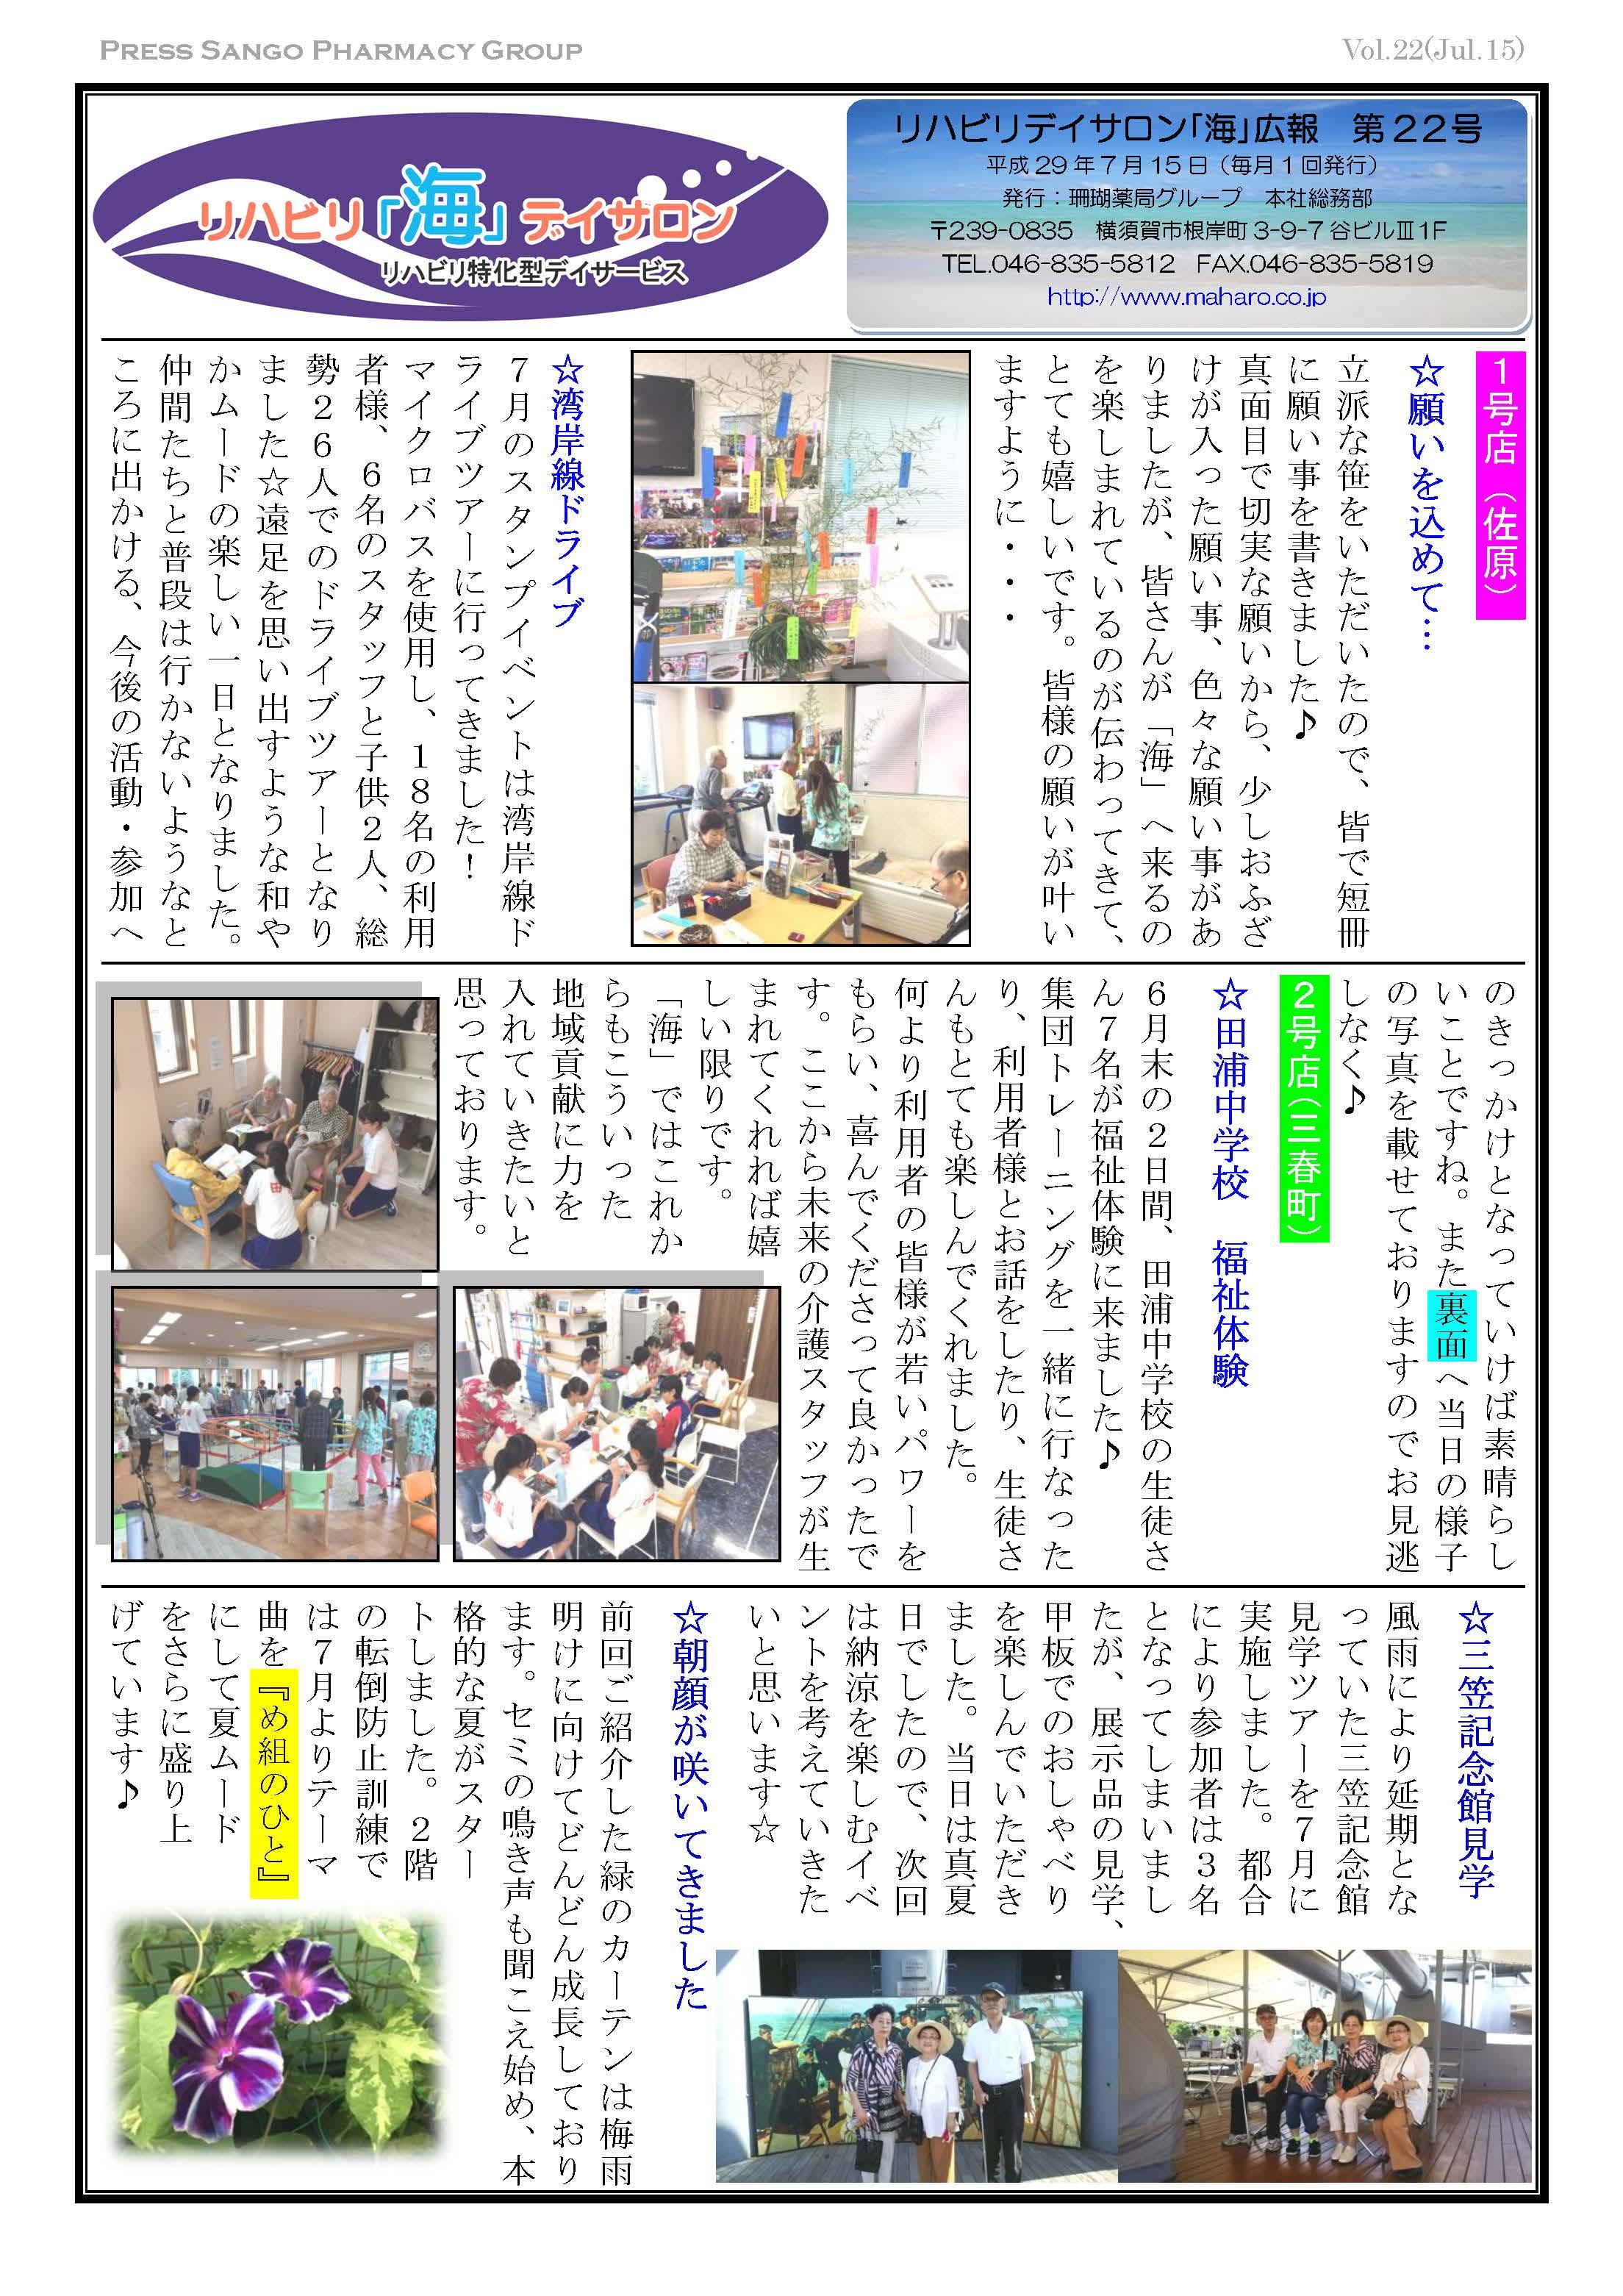 リハビリデイサロン「海」広報誌 第22号